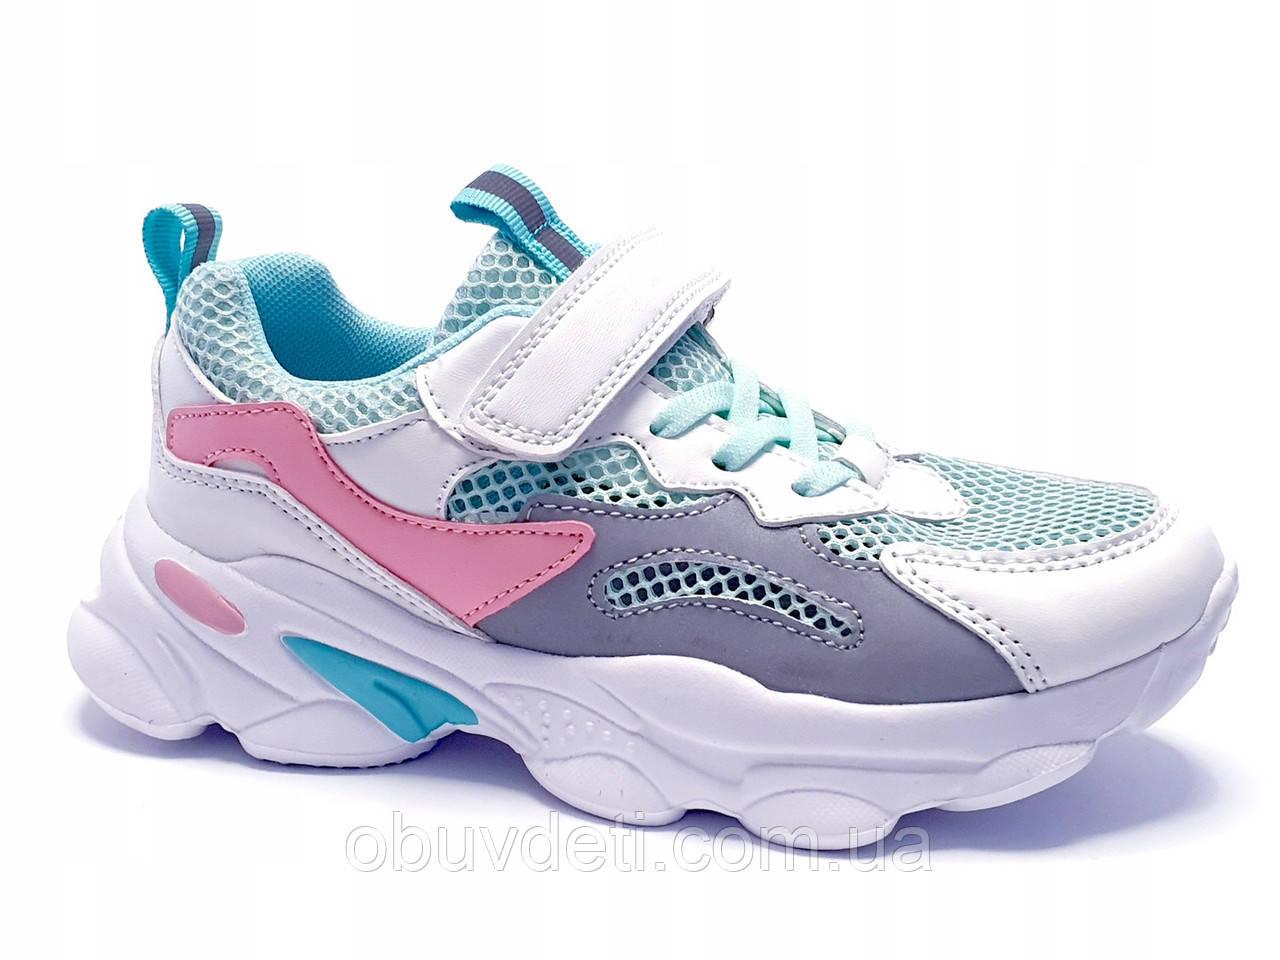 Якісні кросівки для дівчинки american club 35 р-р - 22,5 см